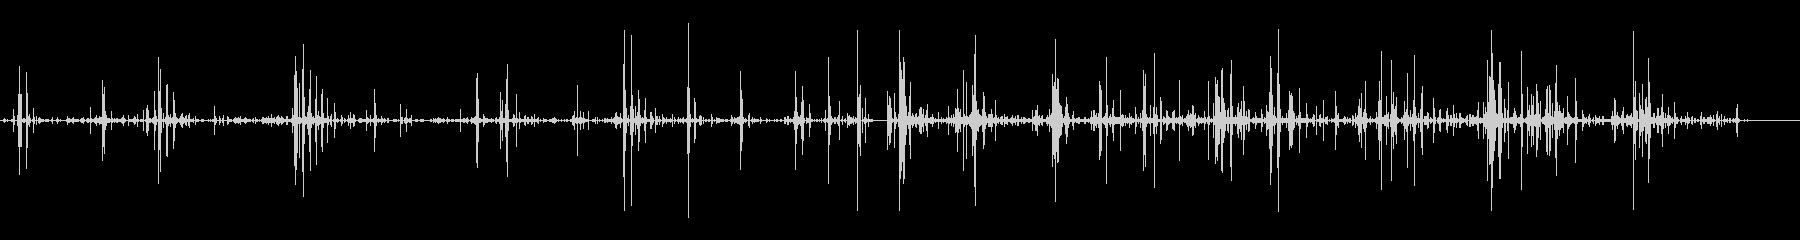 ポップコーンを食べる-ボウルの未再生の波形